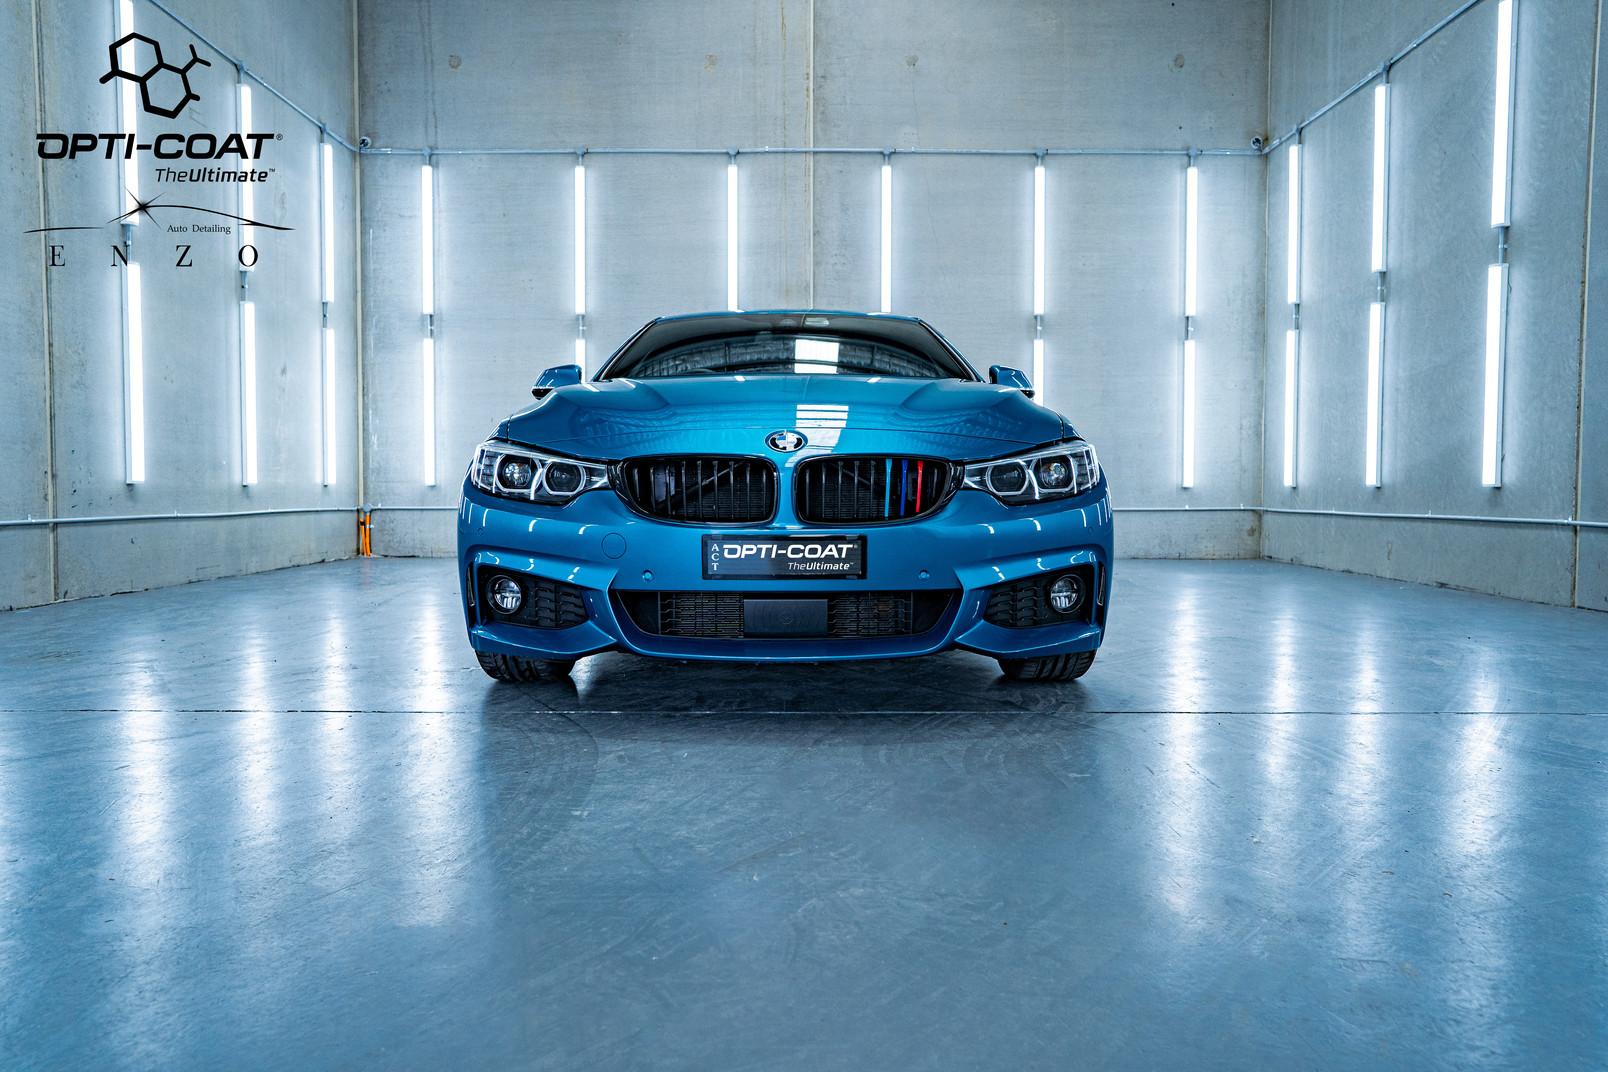 2015 BMW 430 - Kamikaze